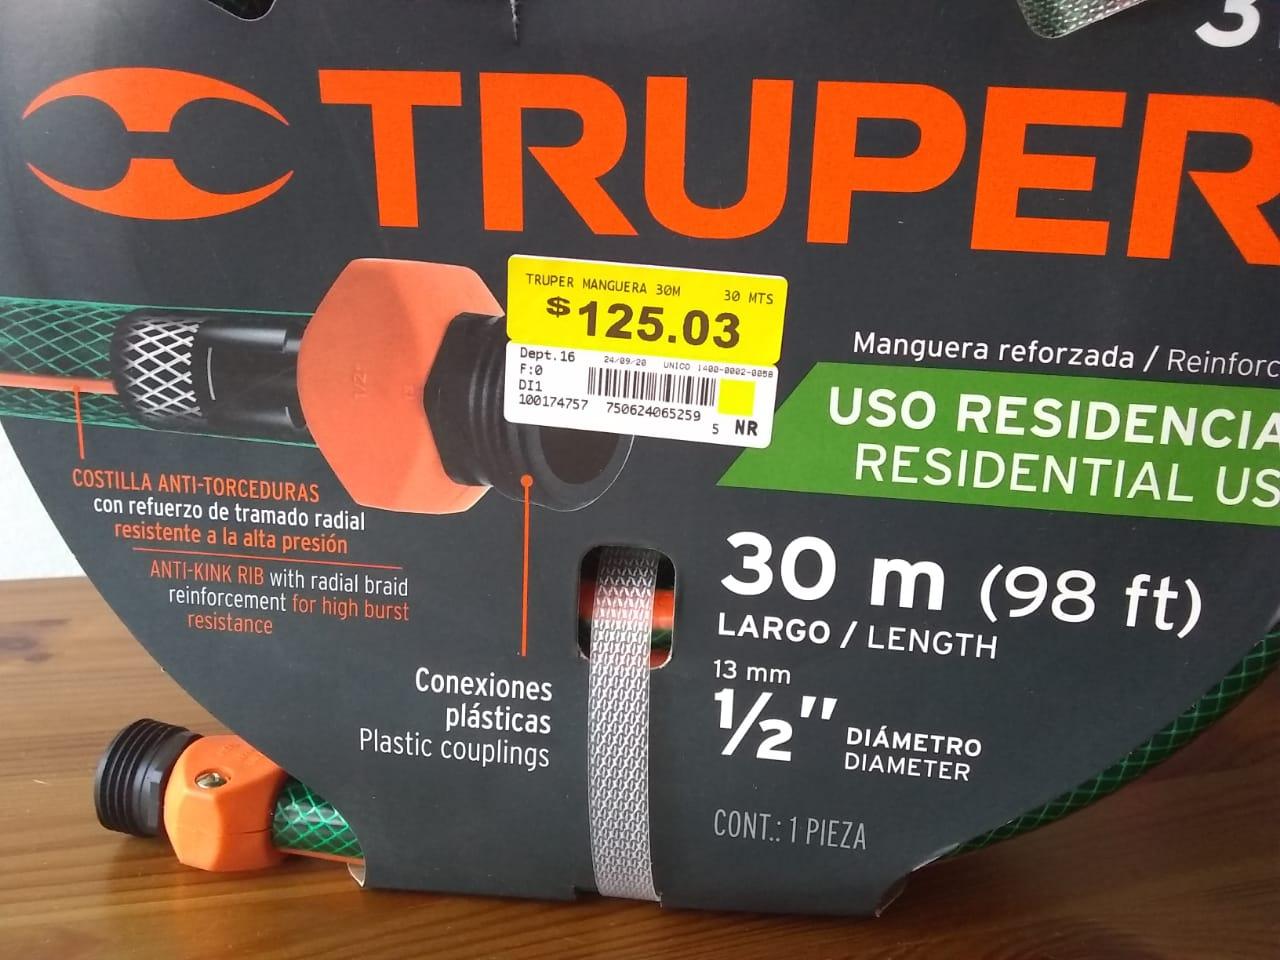 Walmart Copilco: Manguera Truper 30 metros triple capa primera liquidacion